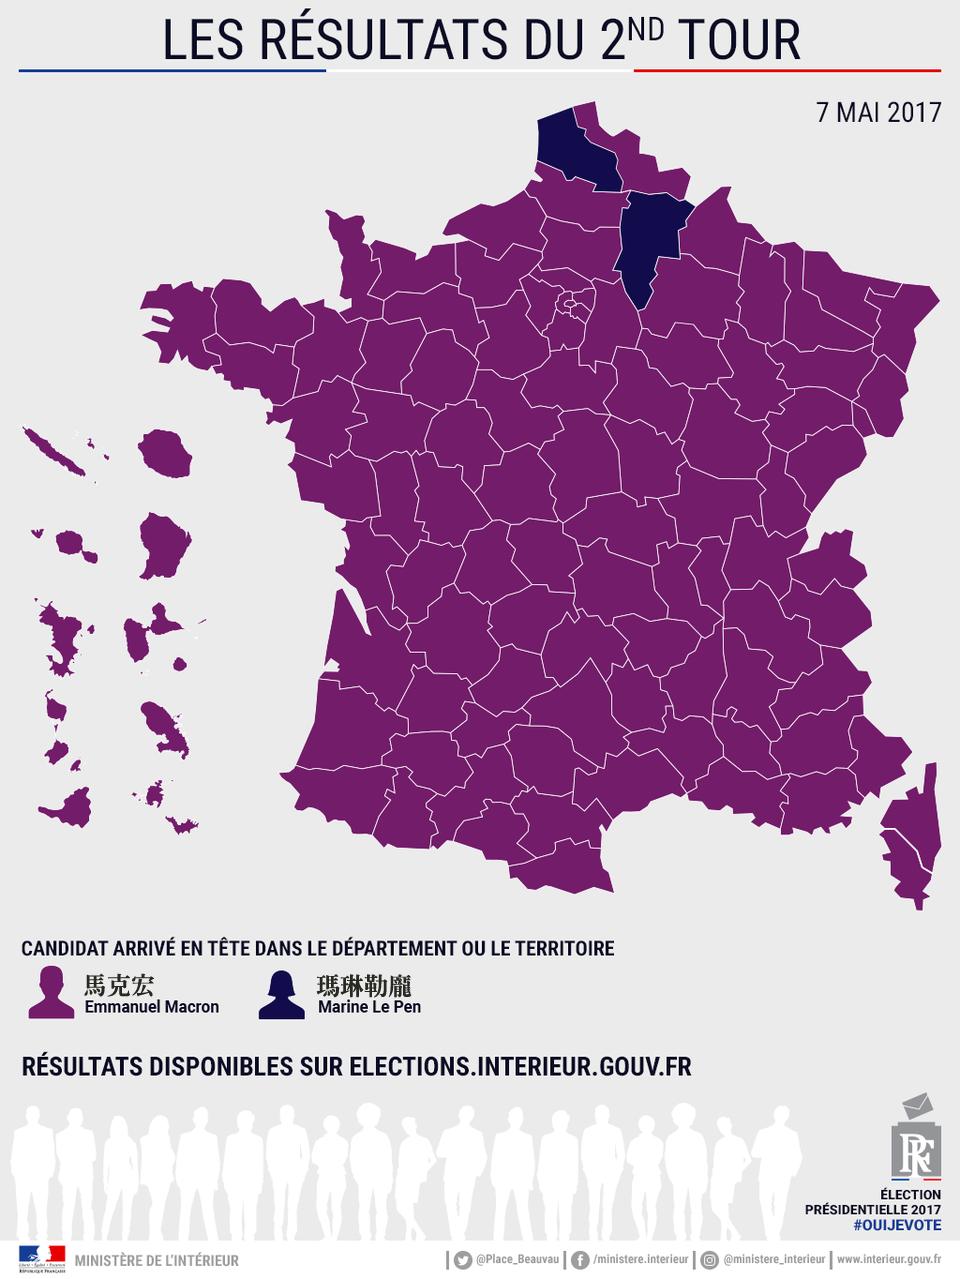 馬克宏是繼席哈克後,唯一能夠在第二輪拿到壓倒性勝利的候選人。 圖/法國內政部